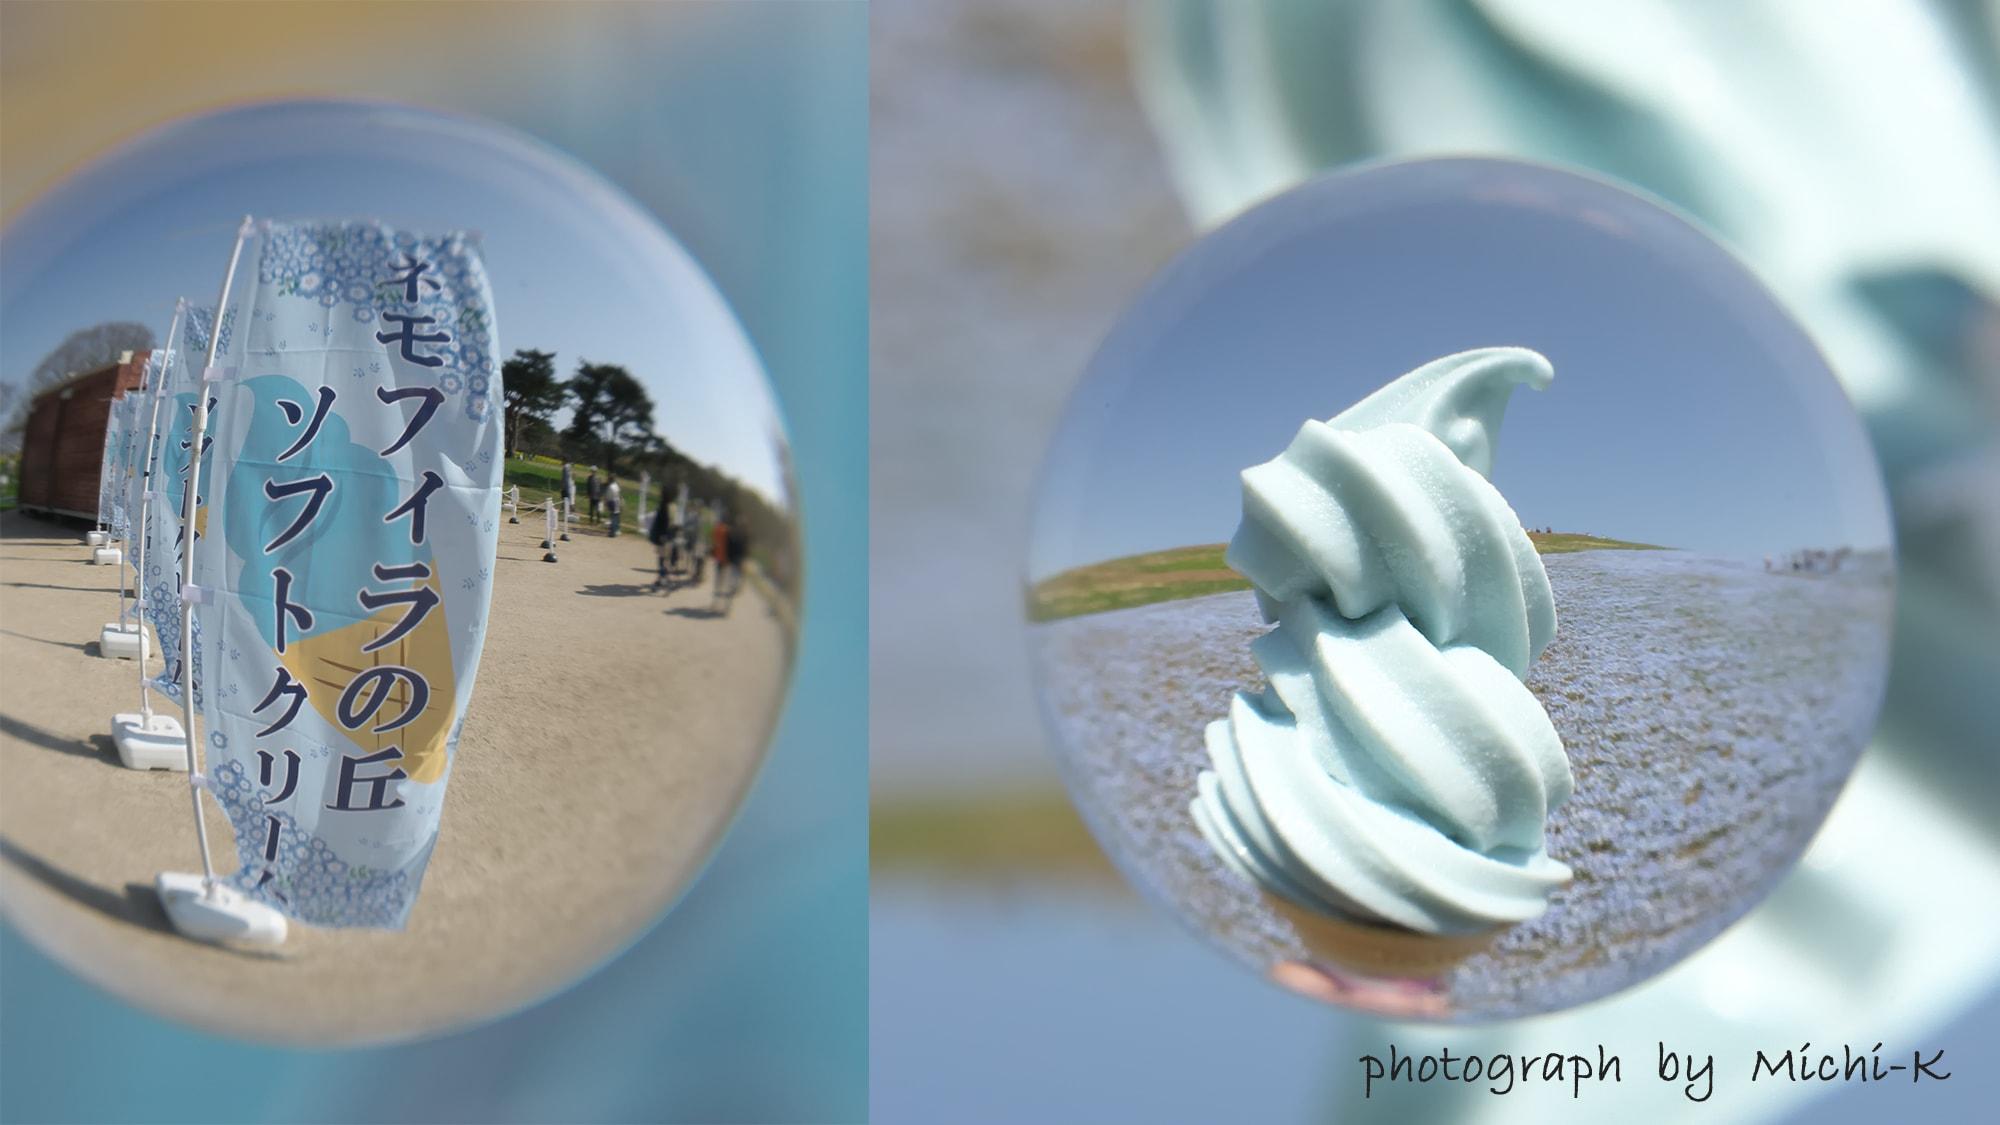 茨城県ひたちなか市「ひたち海浜公園」のネモフィラ-宙玉(そらたま)-5、ラムネ味のネモフィラ色のソフトクリームを売っていました